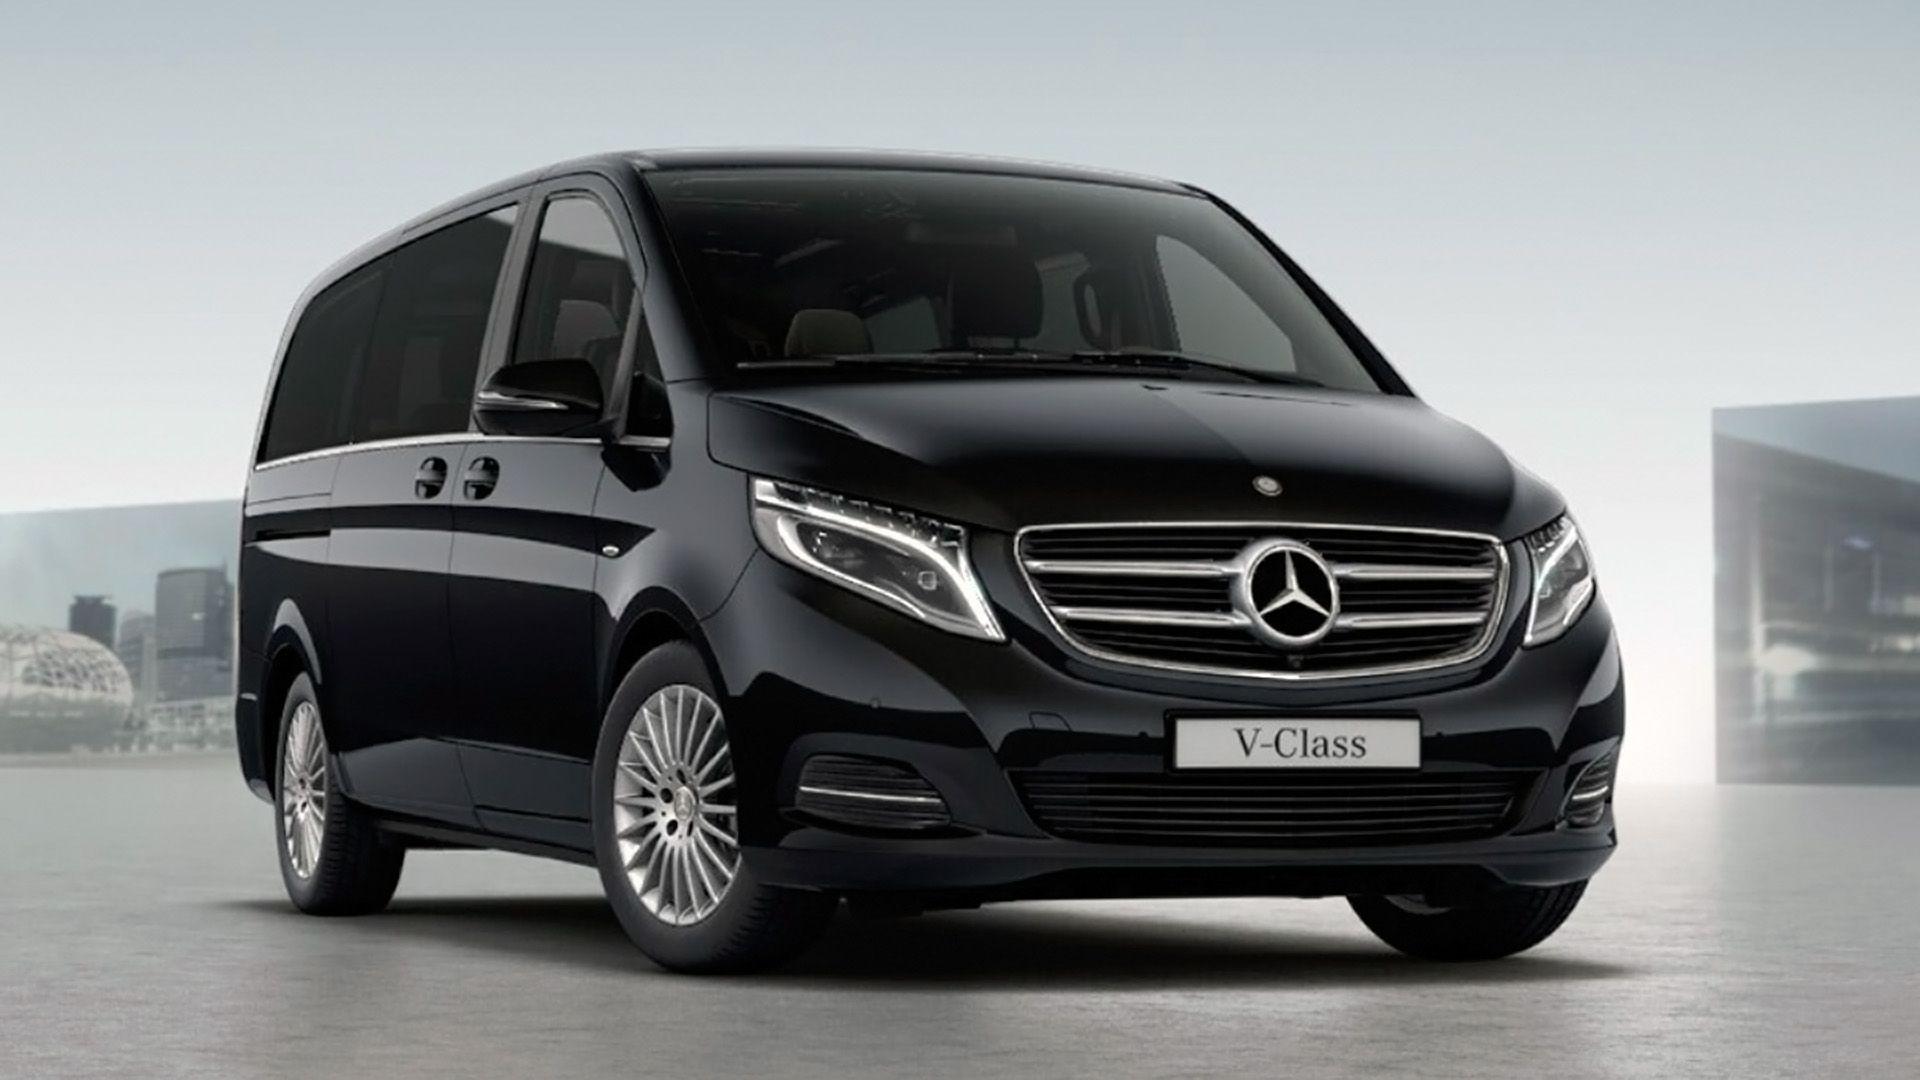 Mercedes Benz V Class minivan